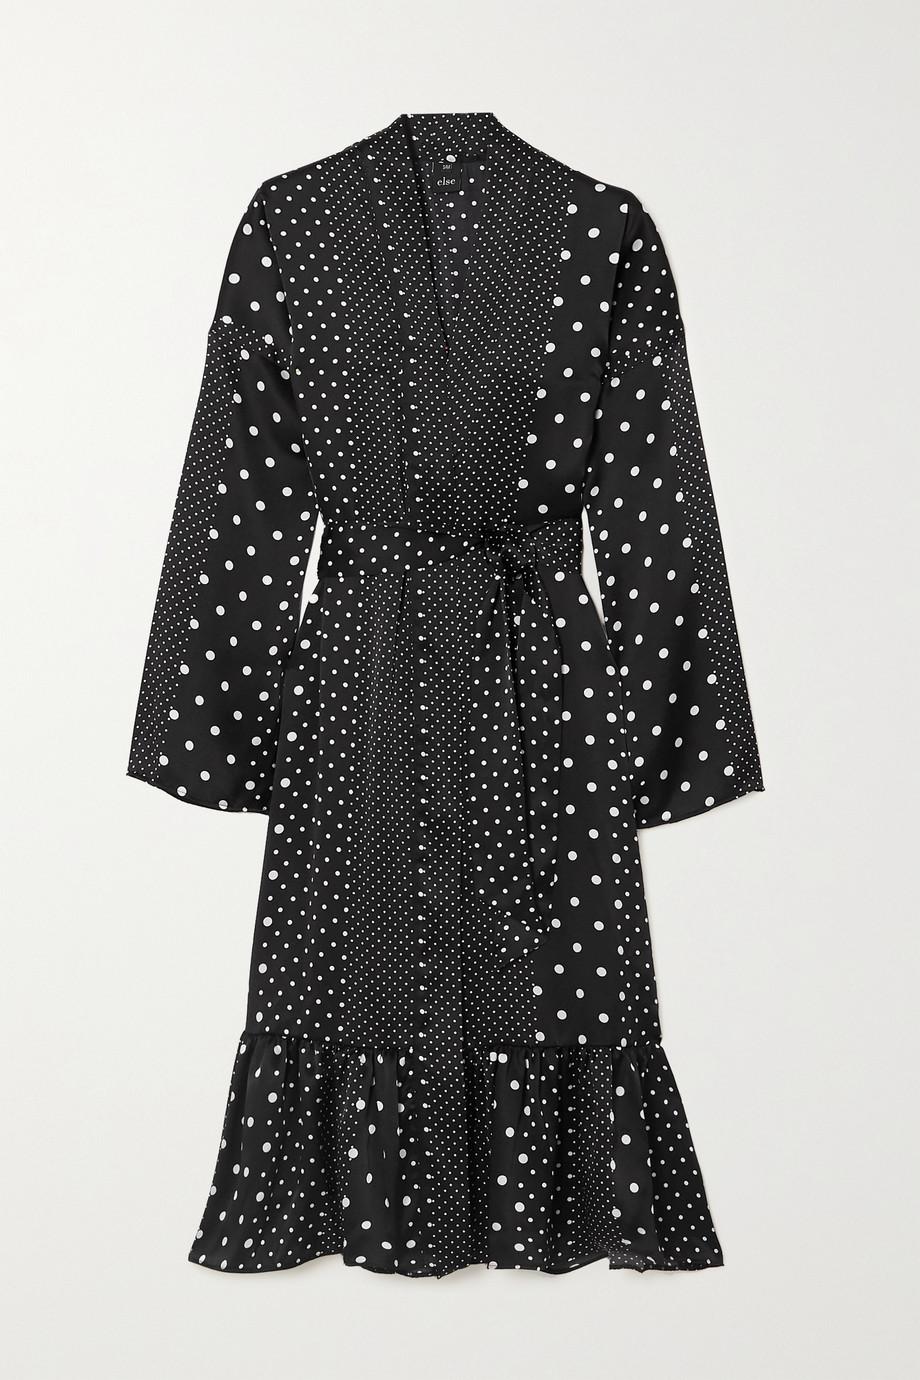 ELSE 配腰带层接式波点丝缎长袍